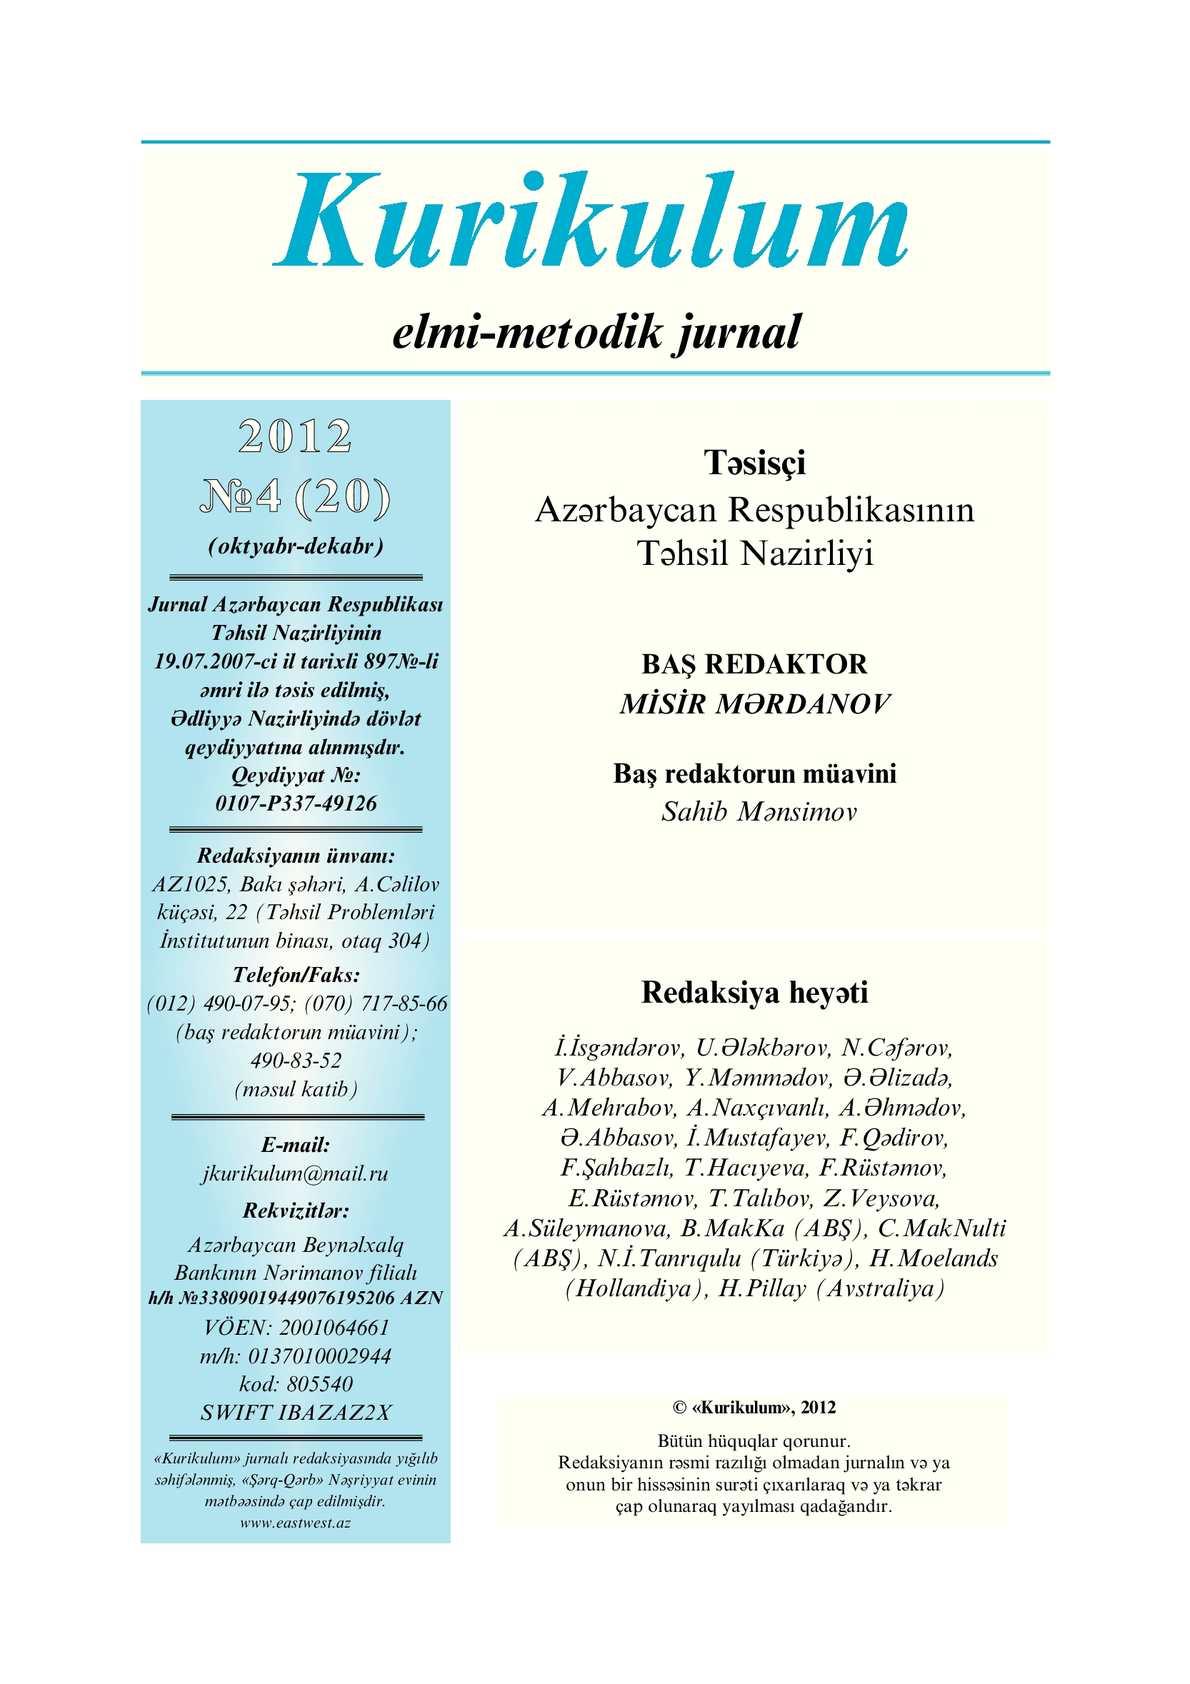 Calameo Kurikulum Jurnali 2012 Ci Il 4 Cu Nomrə